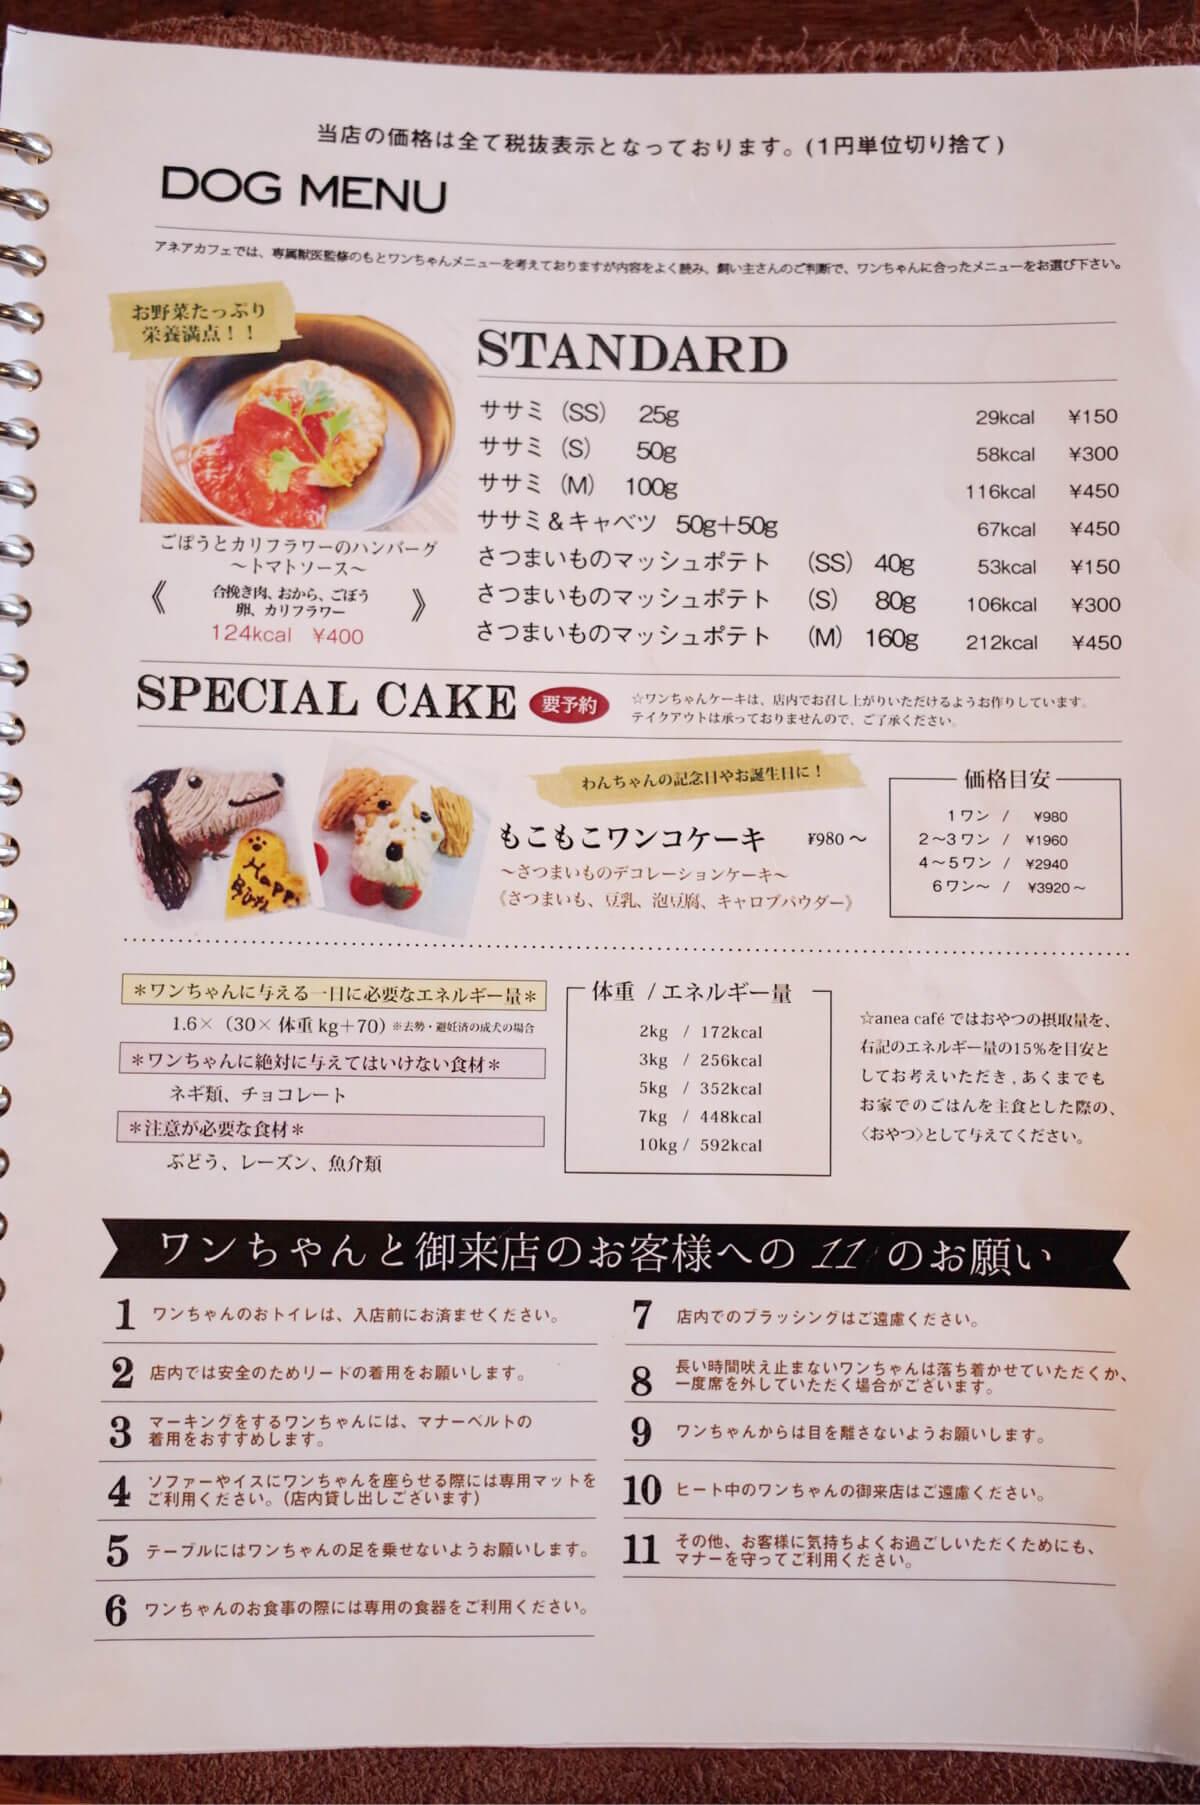 中野新橋 anea cafe 犬メニュー